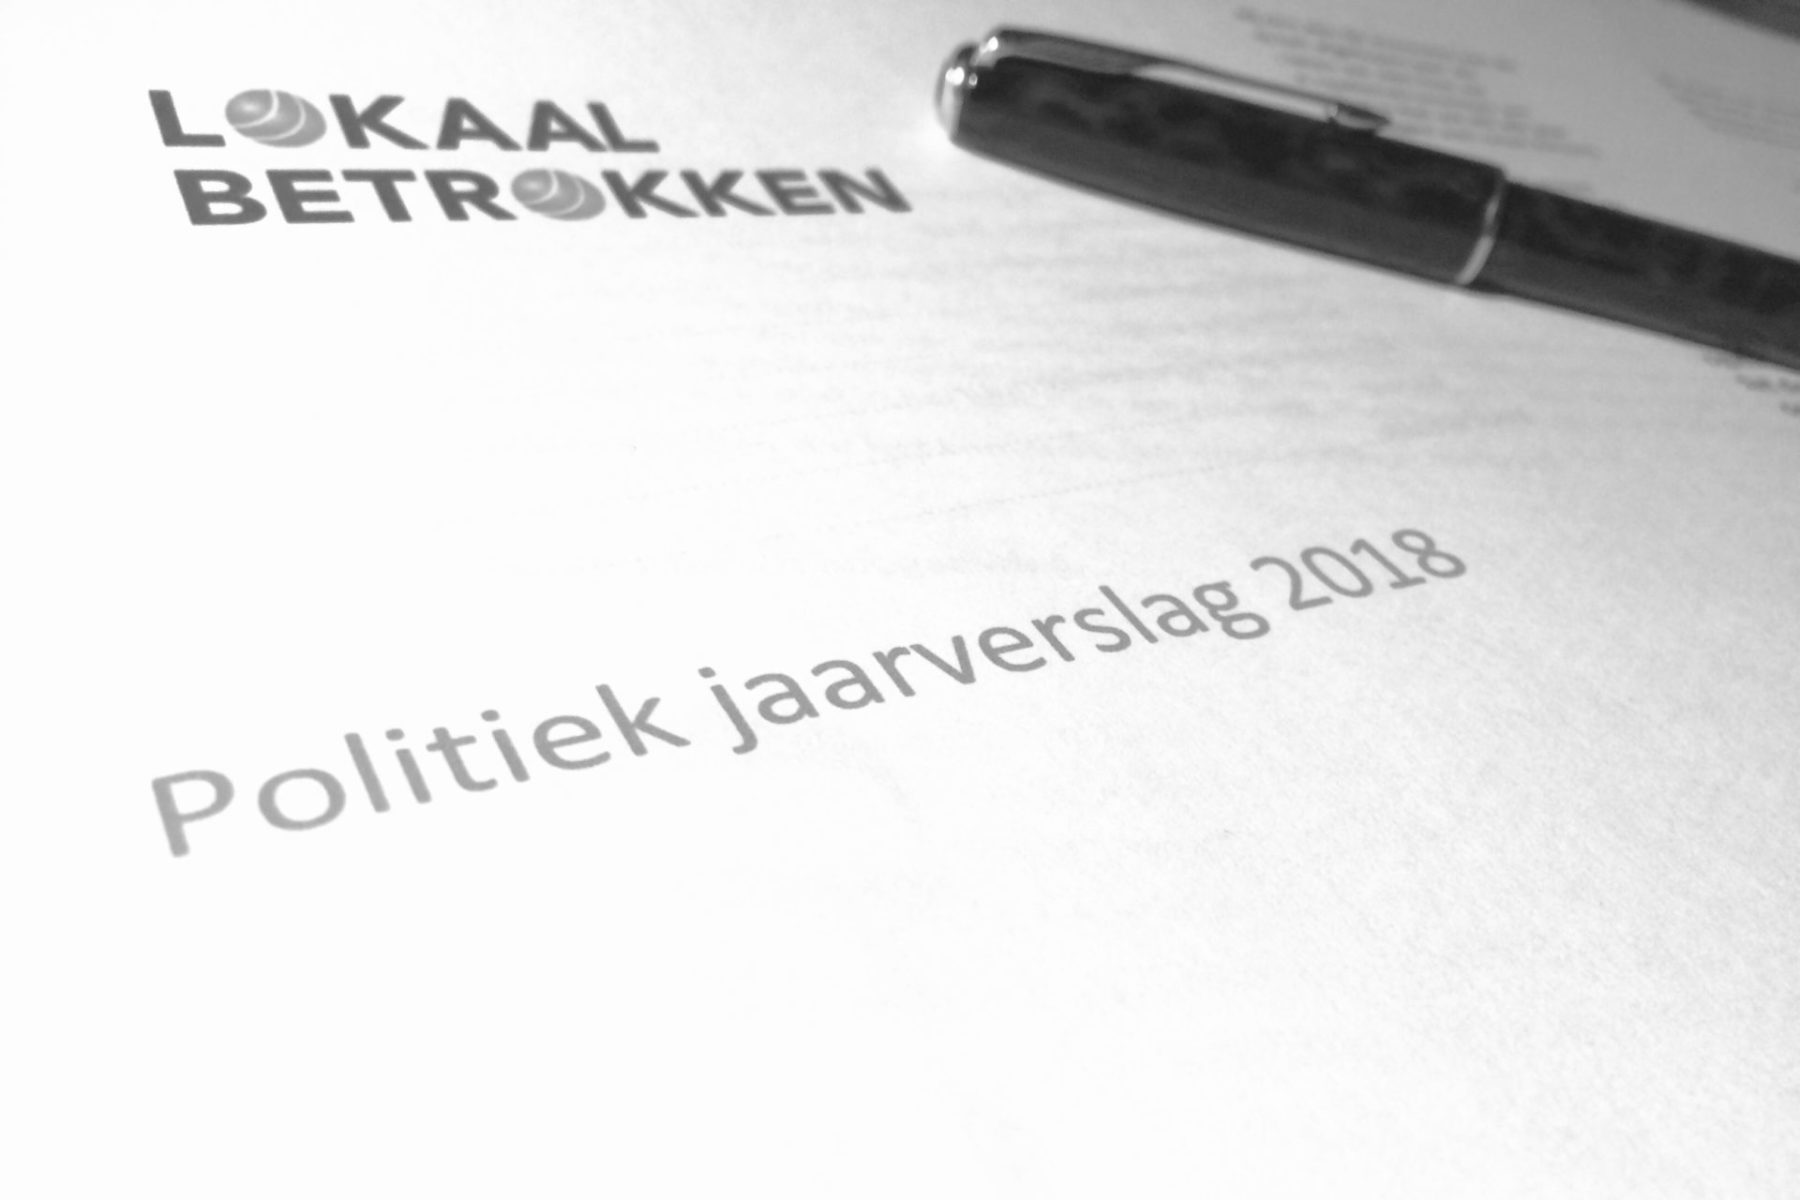 Politiek Jaarverslag 2018